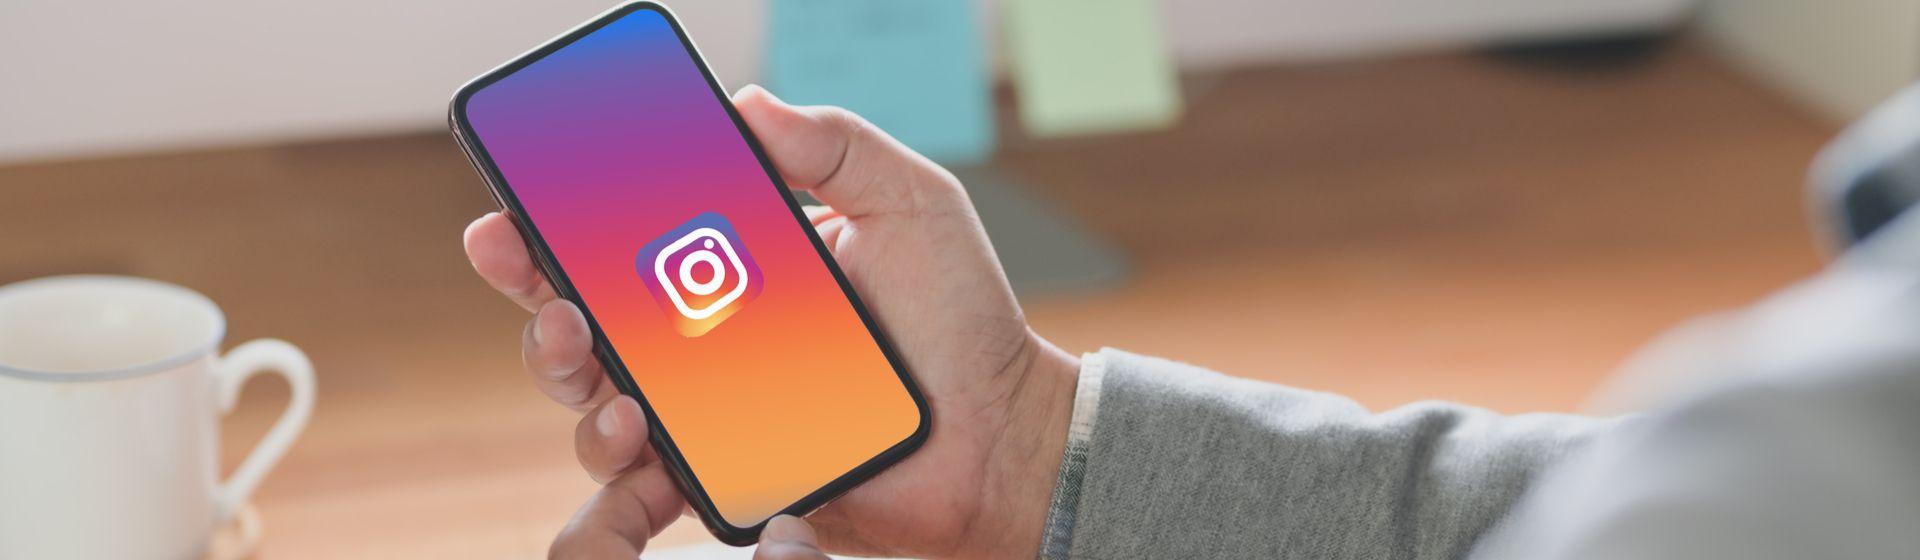 Como colocar link do Whatsapp no Instagram